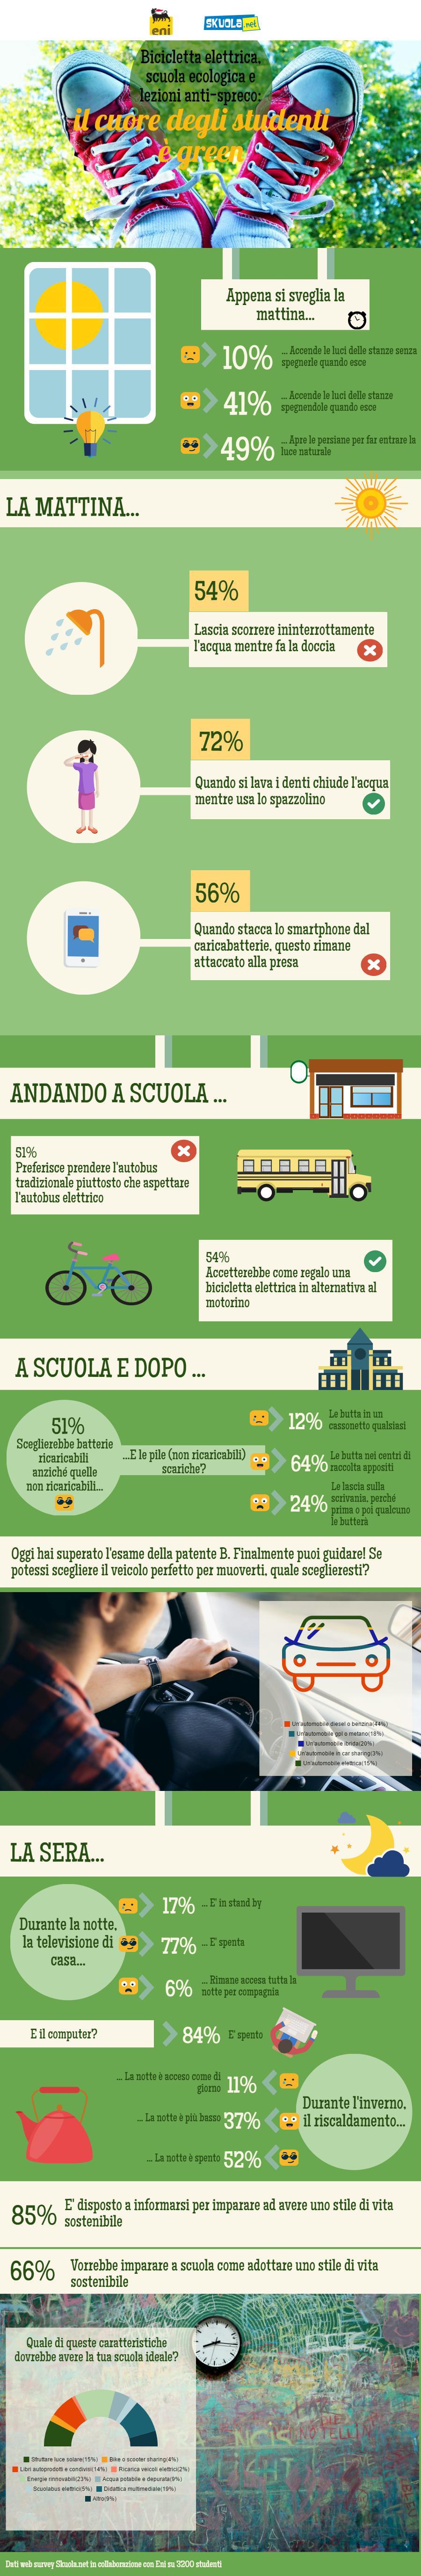 Bicicletta elettrica, scuola ecologica e lezioni anti-spreco: il cuore degli studenti è green